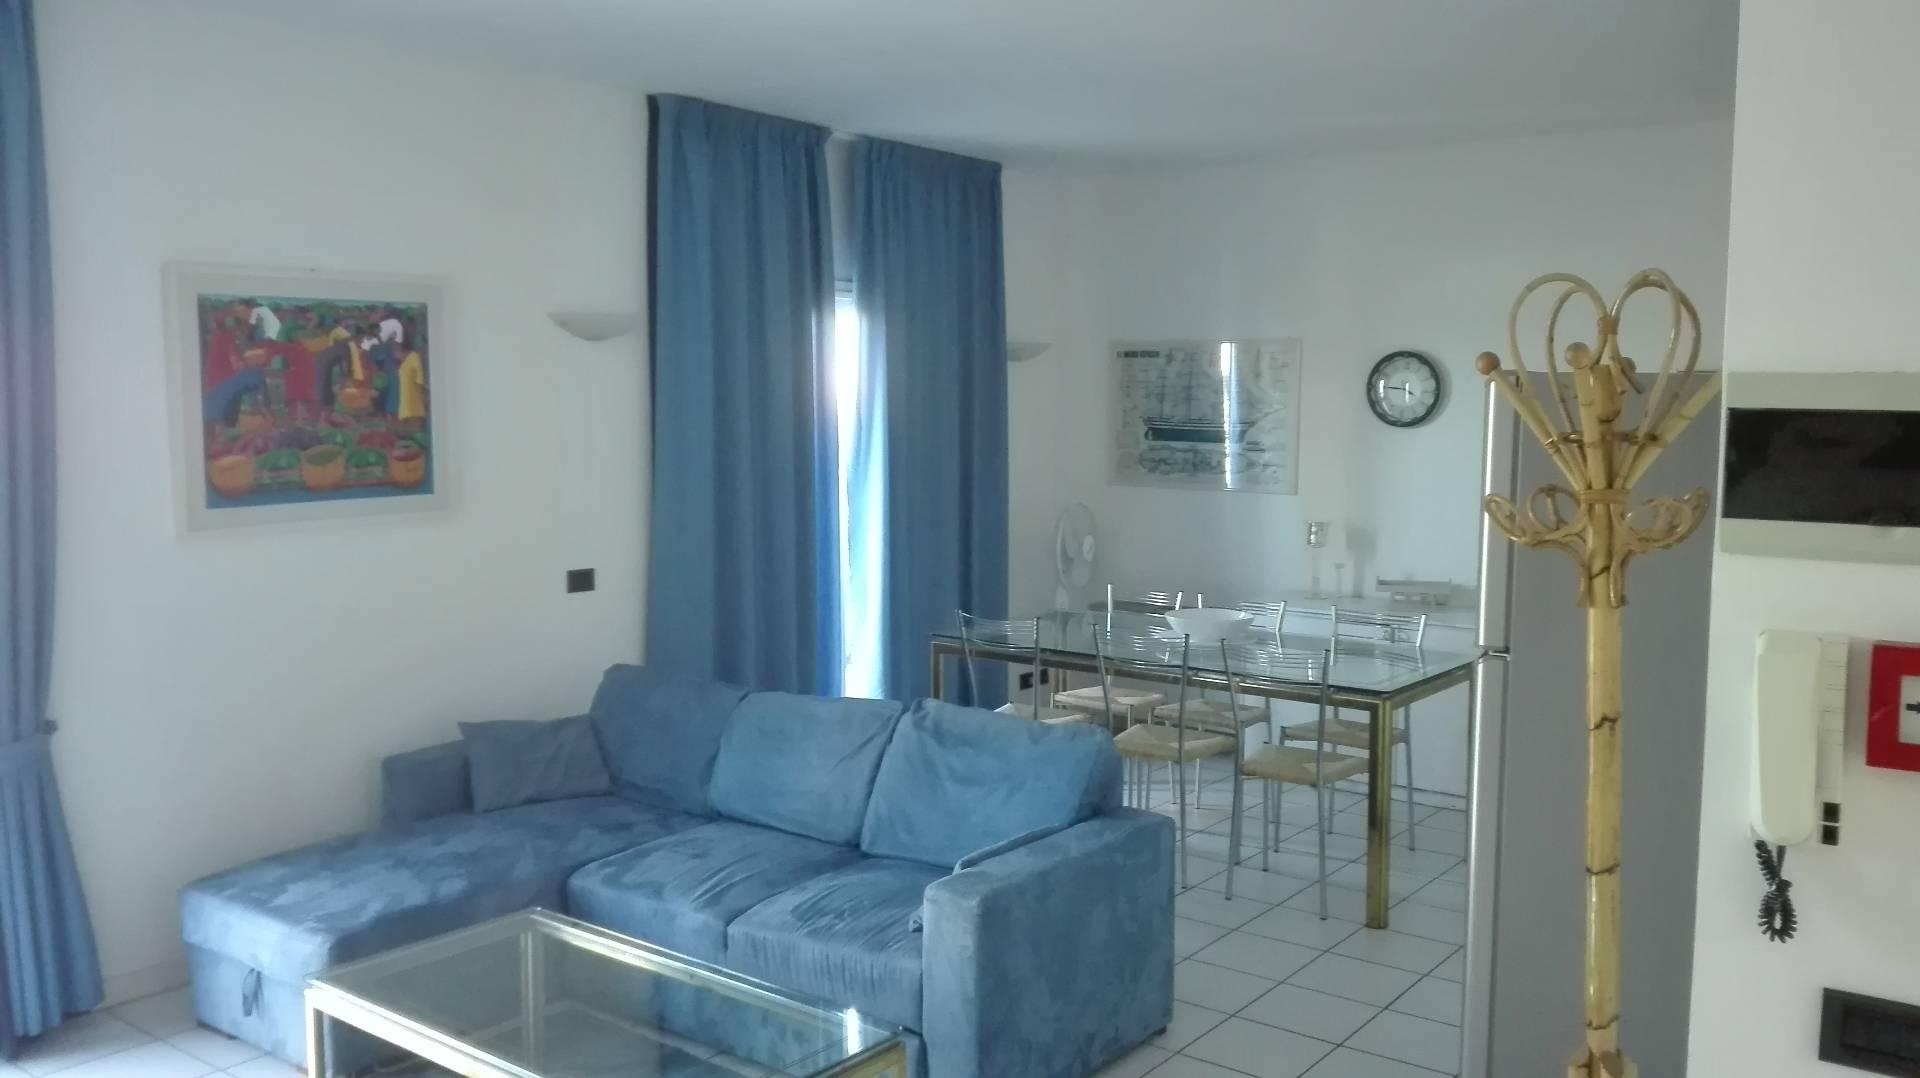 Attico / Mansarda in affitto a Riccione, 3 locali, zona Località: CENTRO, Trattative riservate | CambioCasa.it